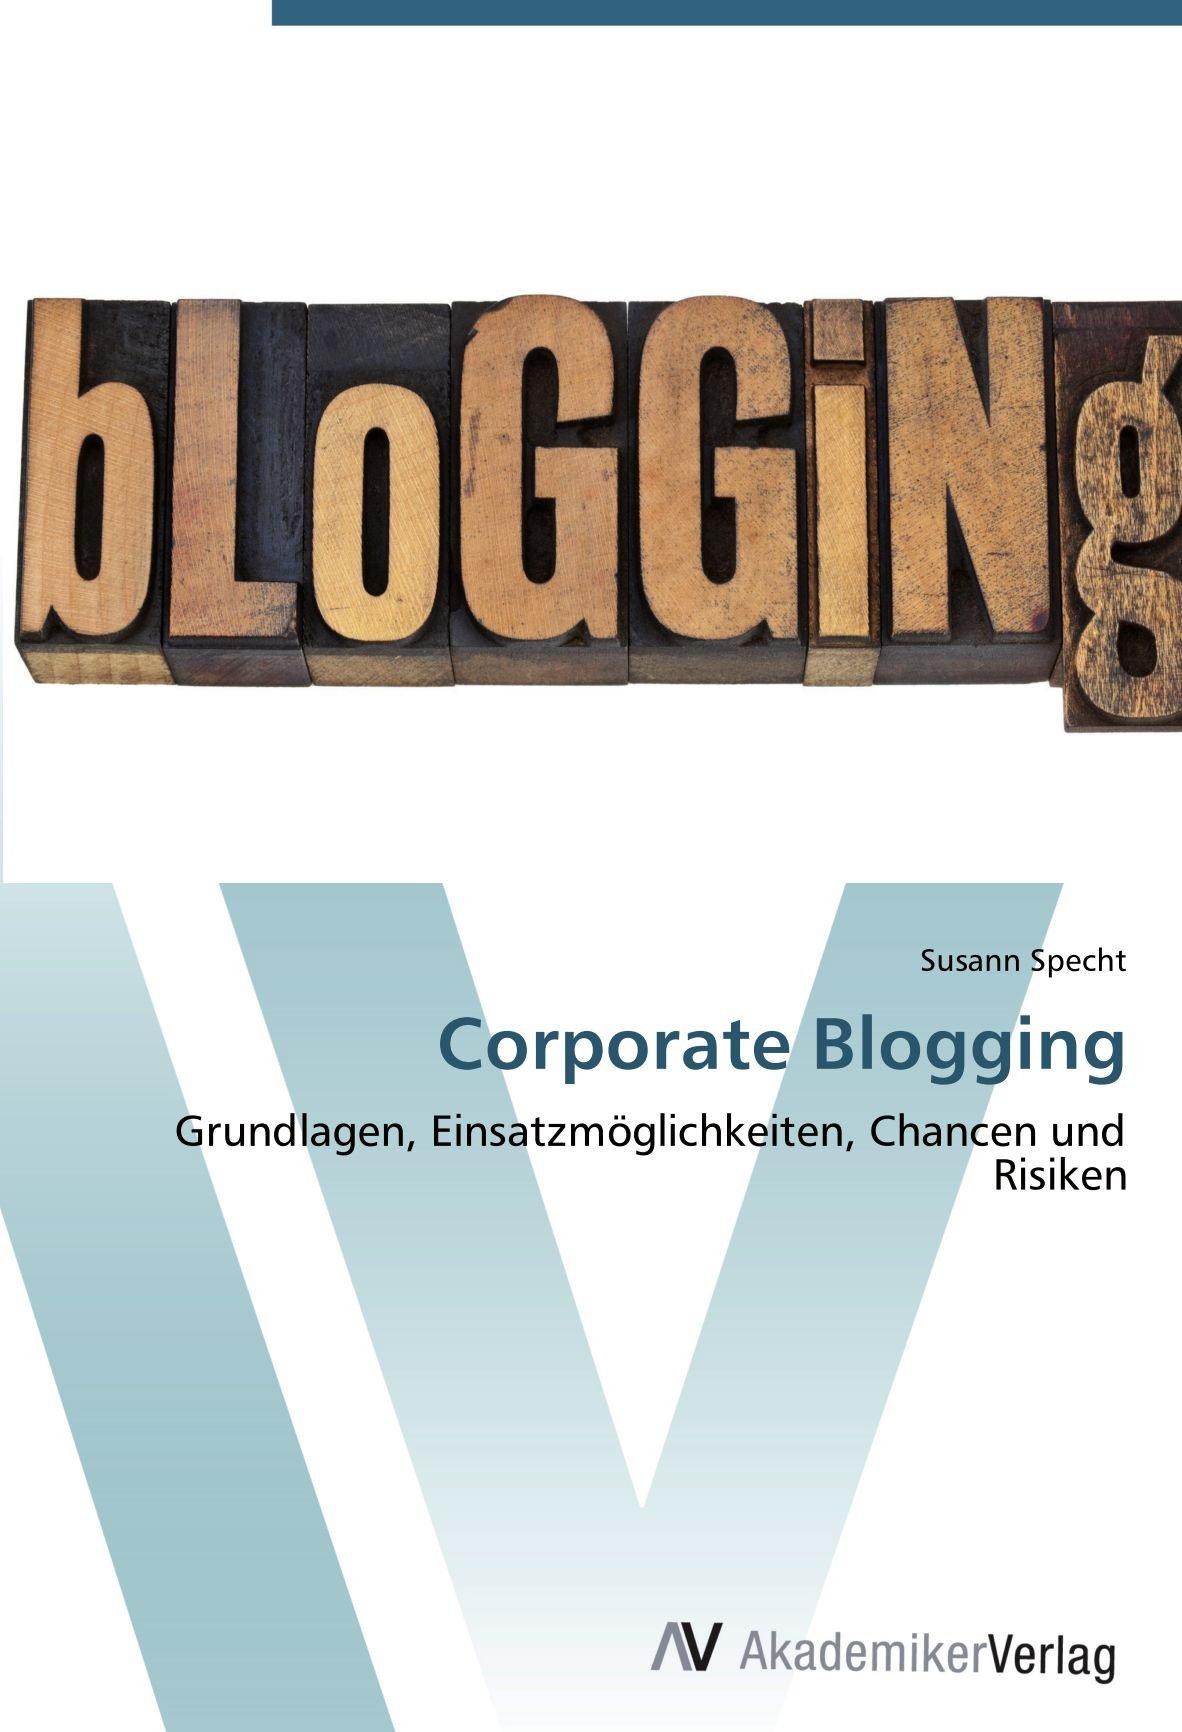 Corporate Blogging: Grundlagen, Einsatzmöglichkeiten, Chancen und Risiken (German Edition) pdf